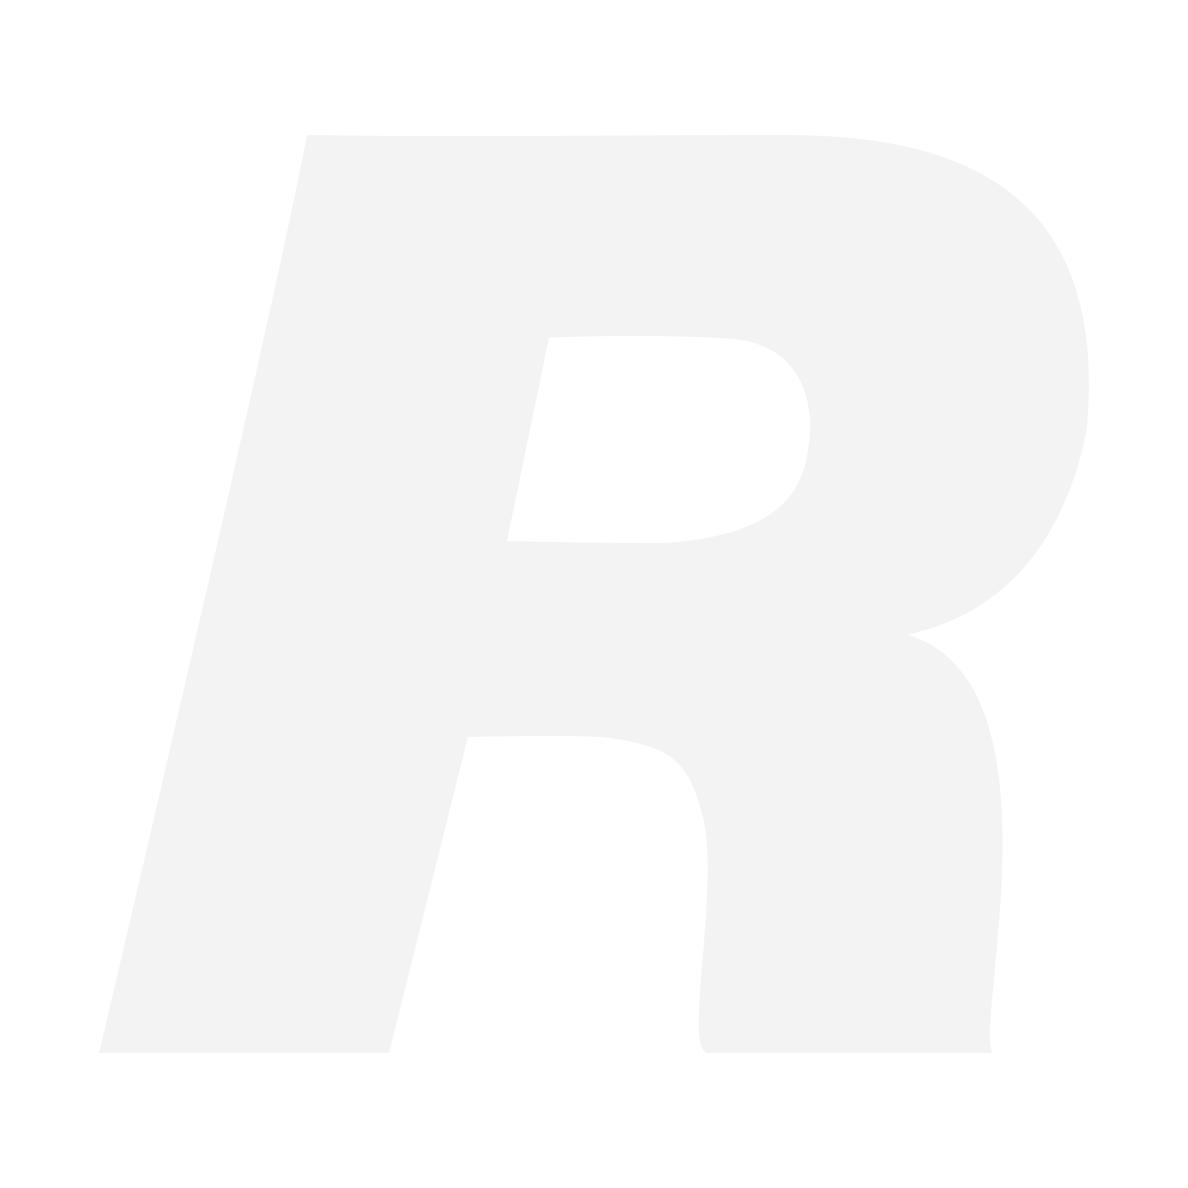 Tamron AF 35/1.8 SP DI USD, Sony A